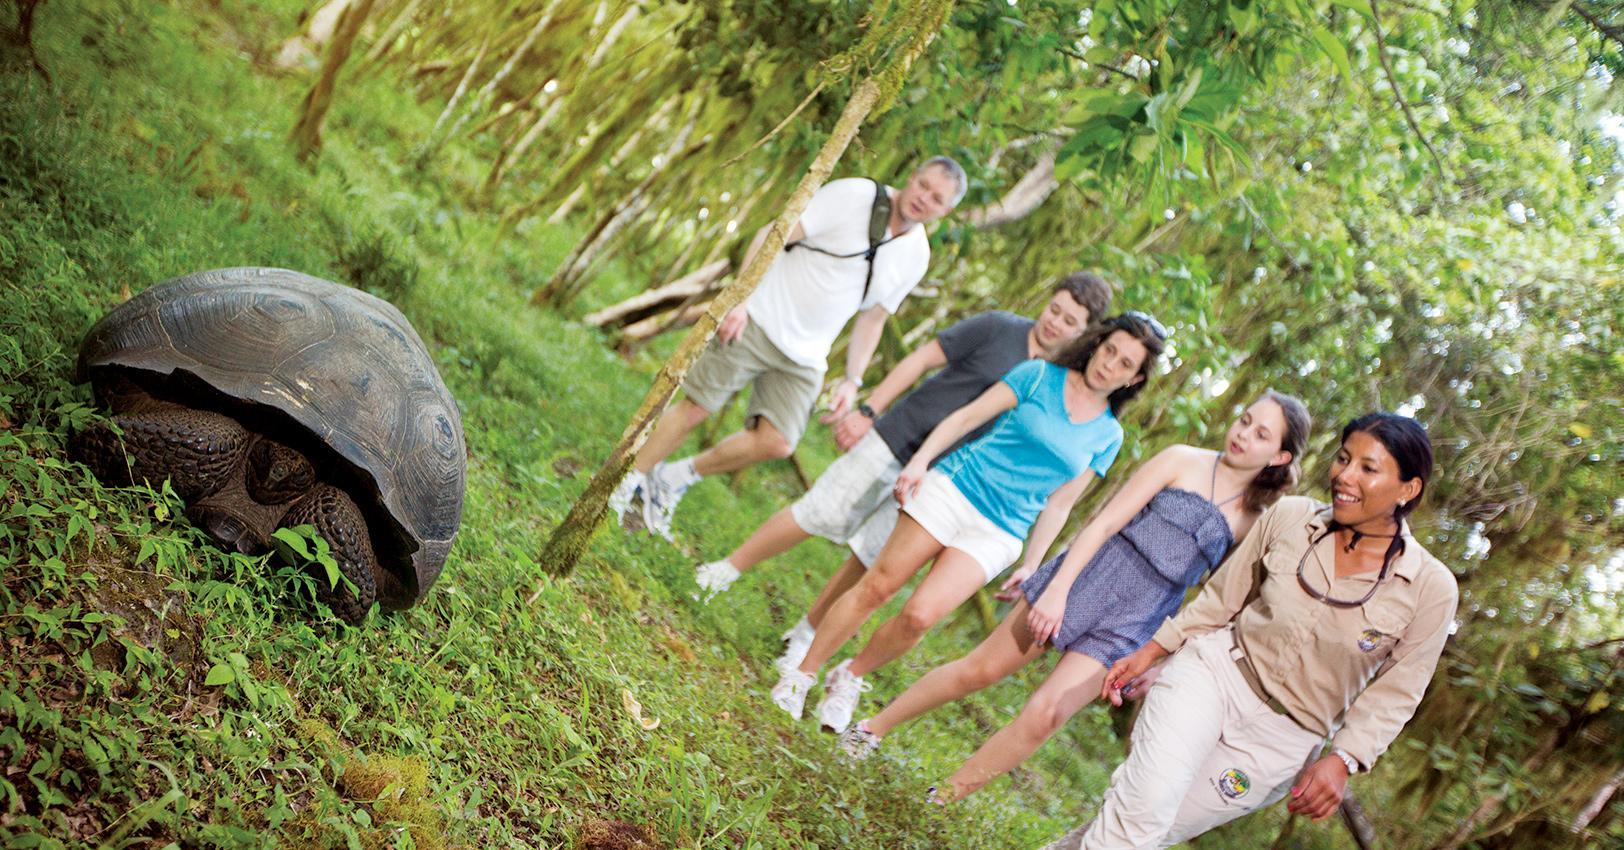 GAdventures-EcuadorGalapagos-TortoiseTravellers-HobbinsFamilyCEO-1526397628683.jpg